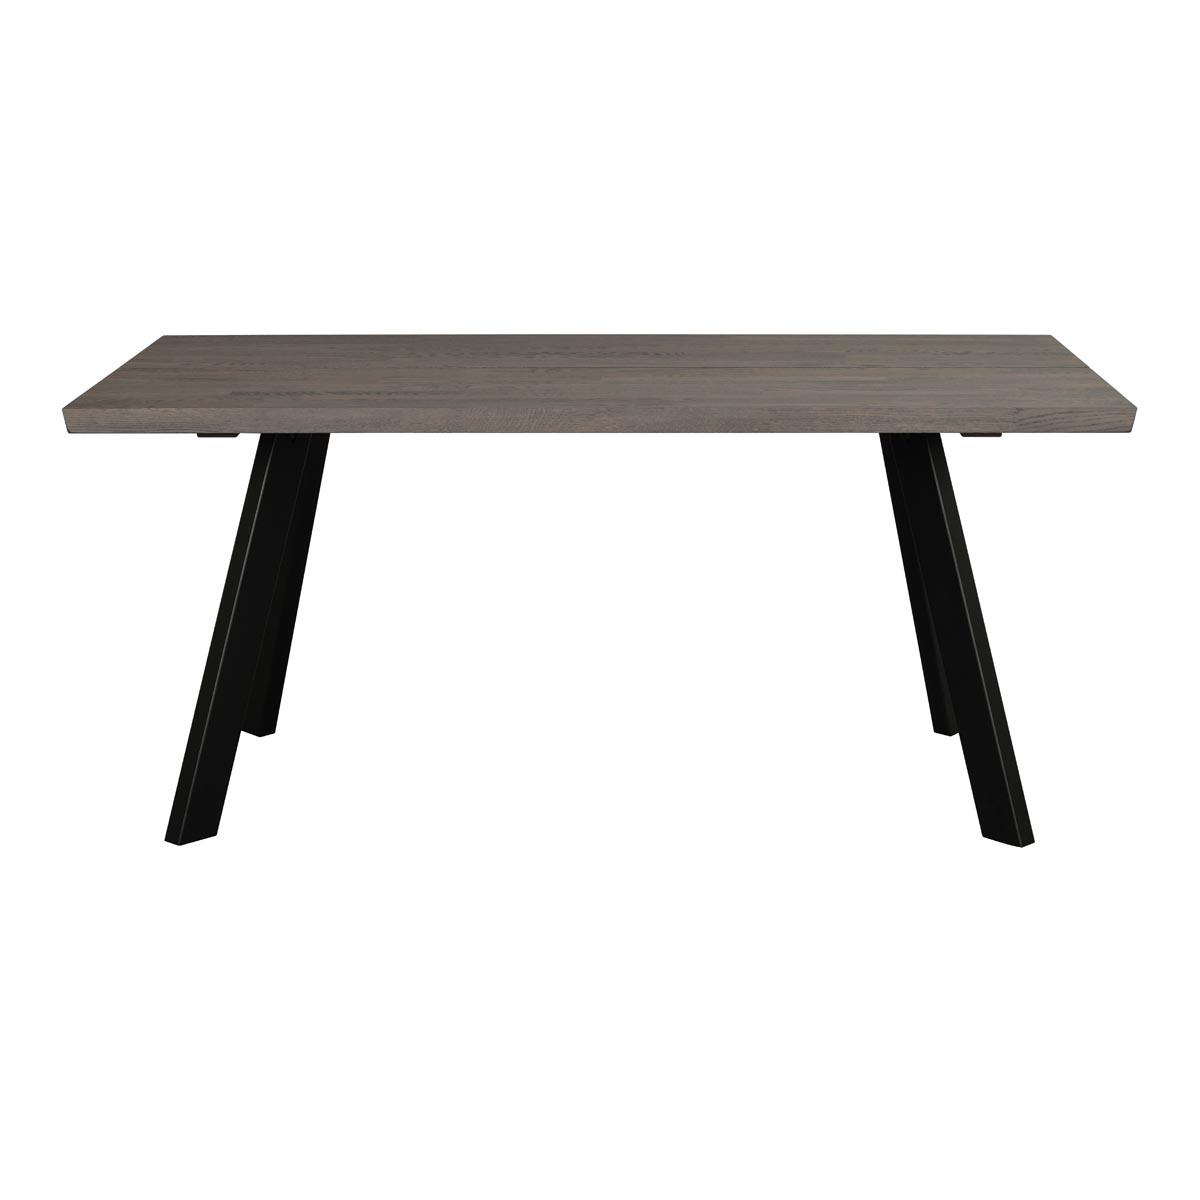 Fred-matbord-170-mörkbrun-117432_a